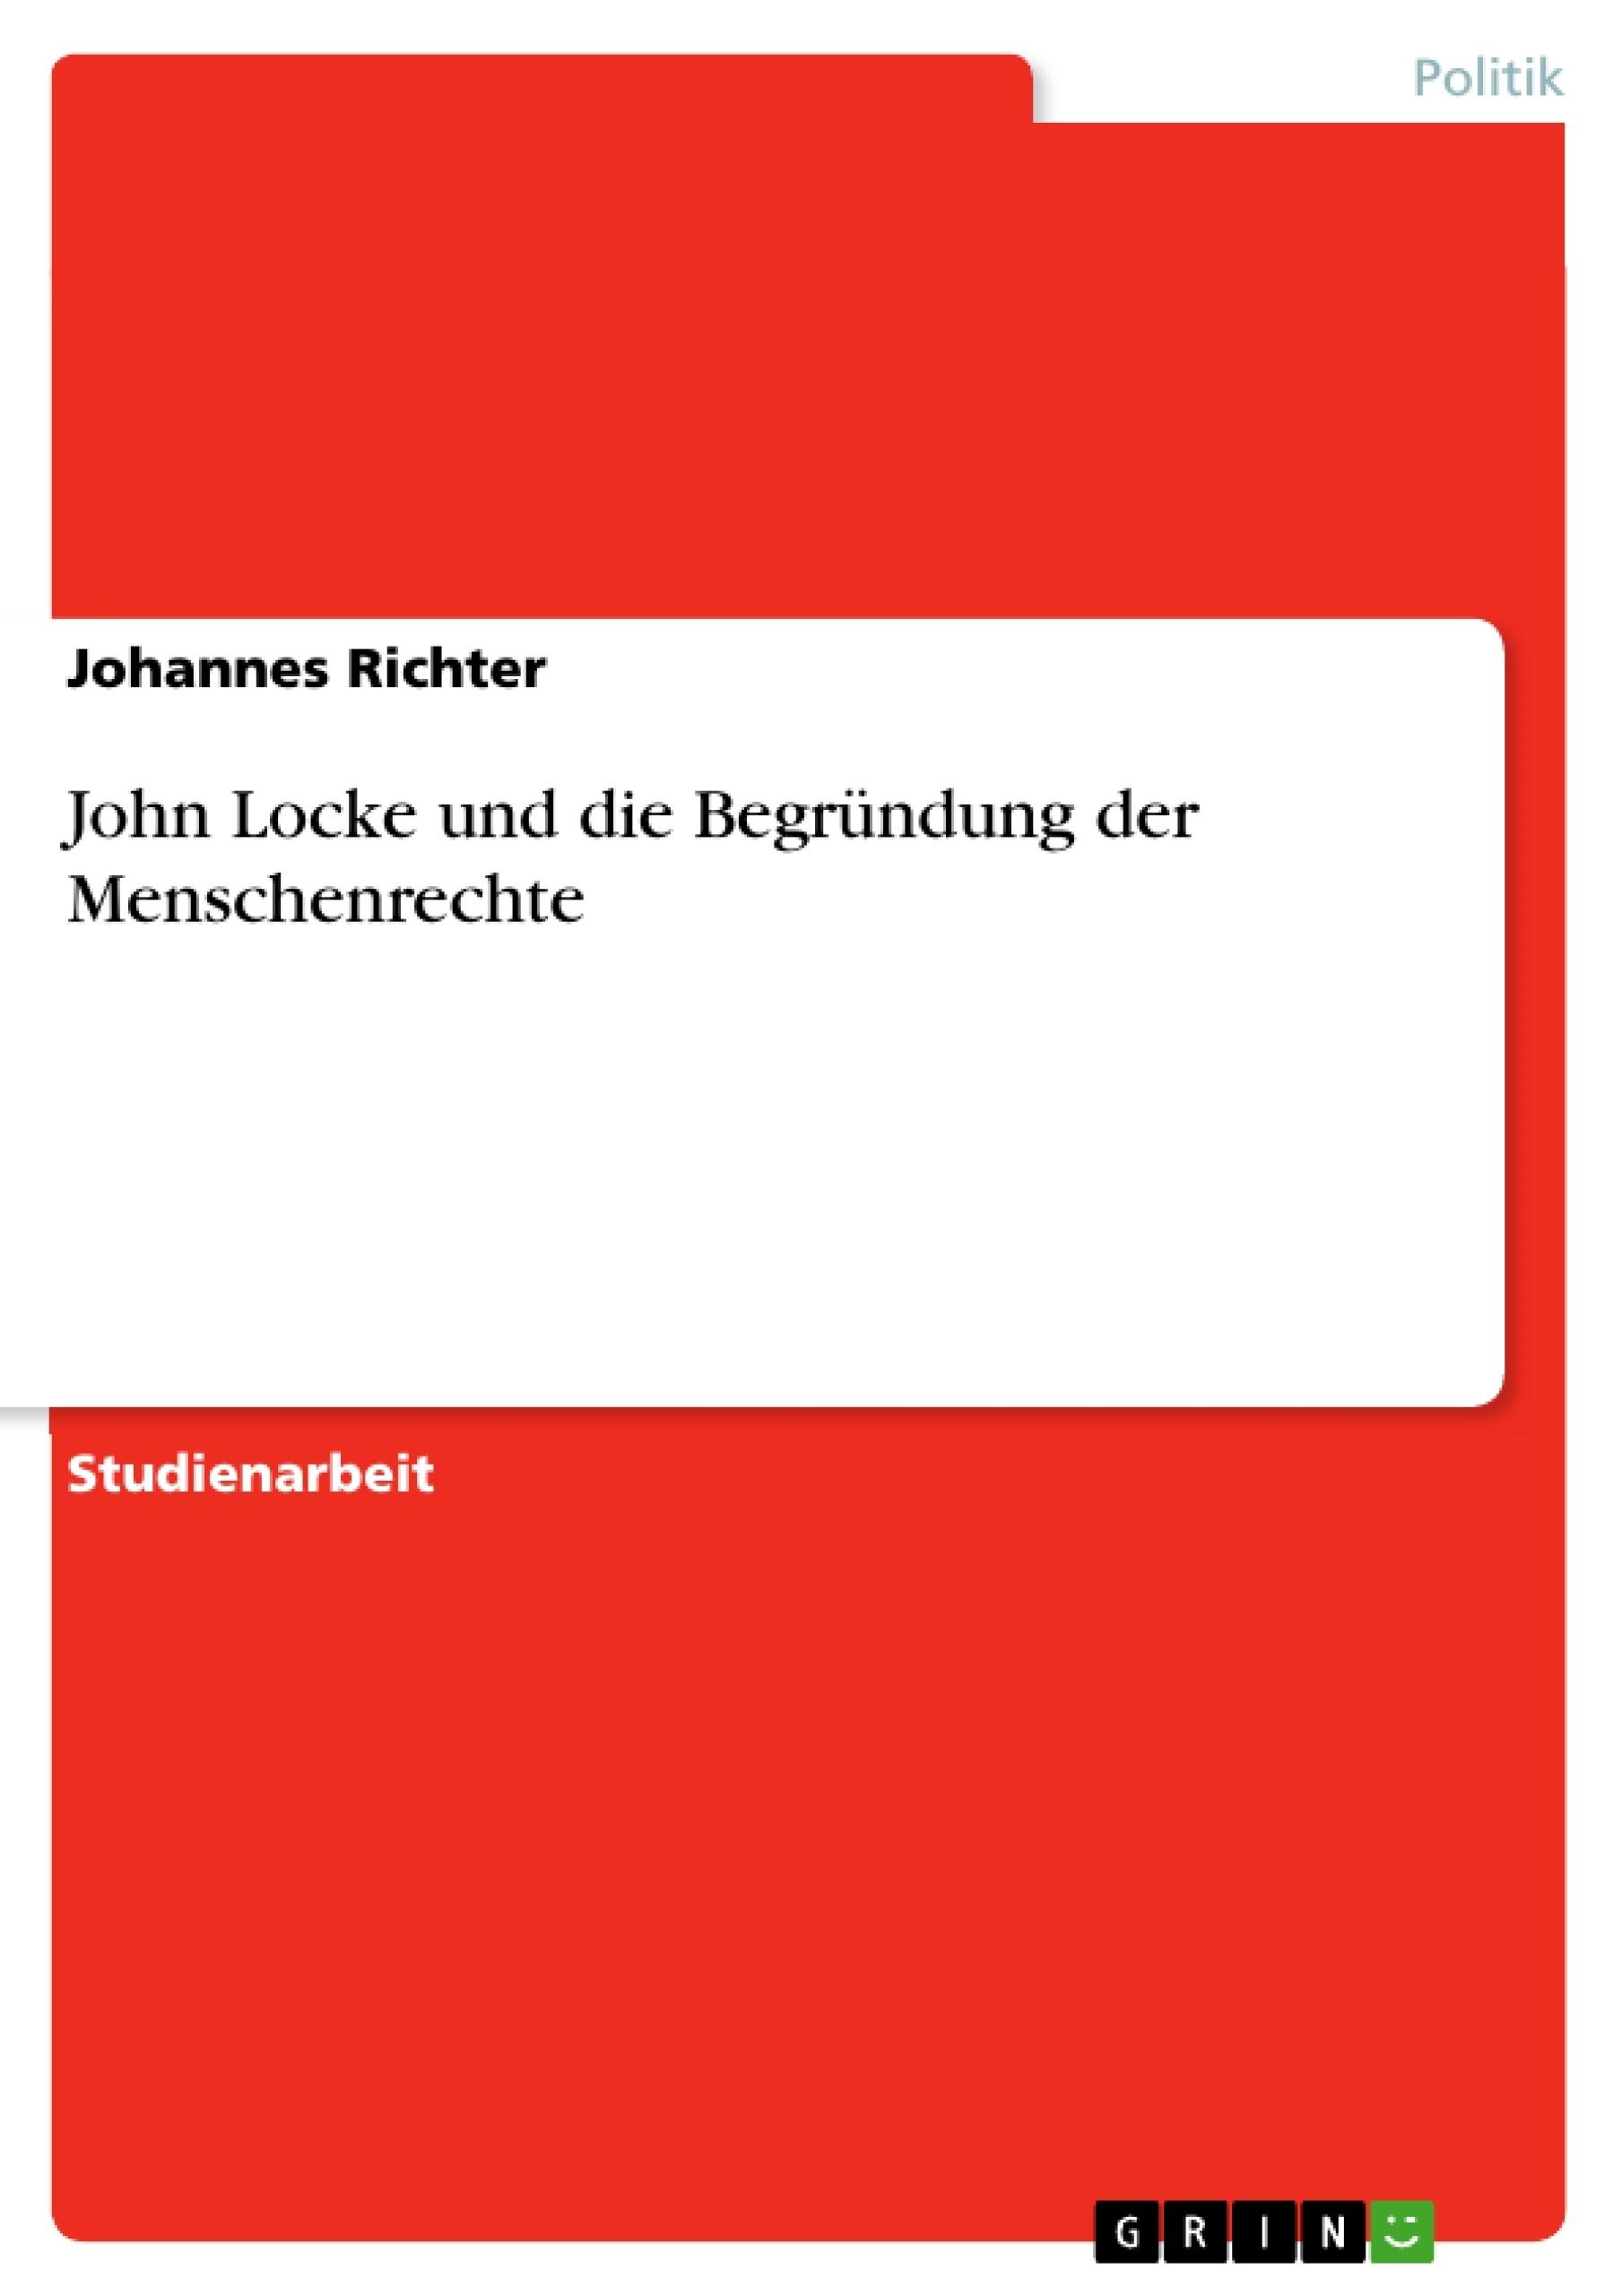 Titel: John Locke und die Begründung der Menschenrechte